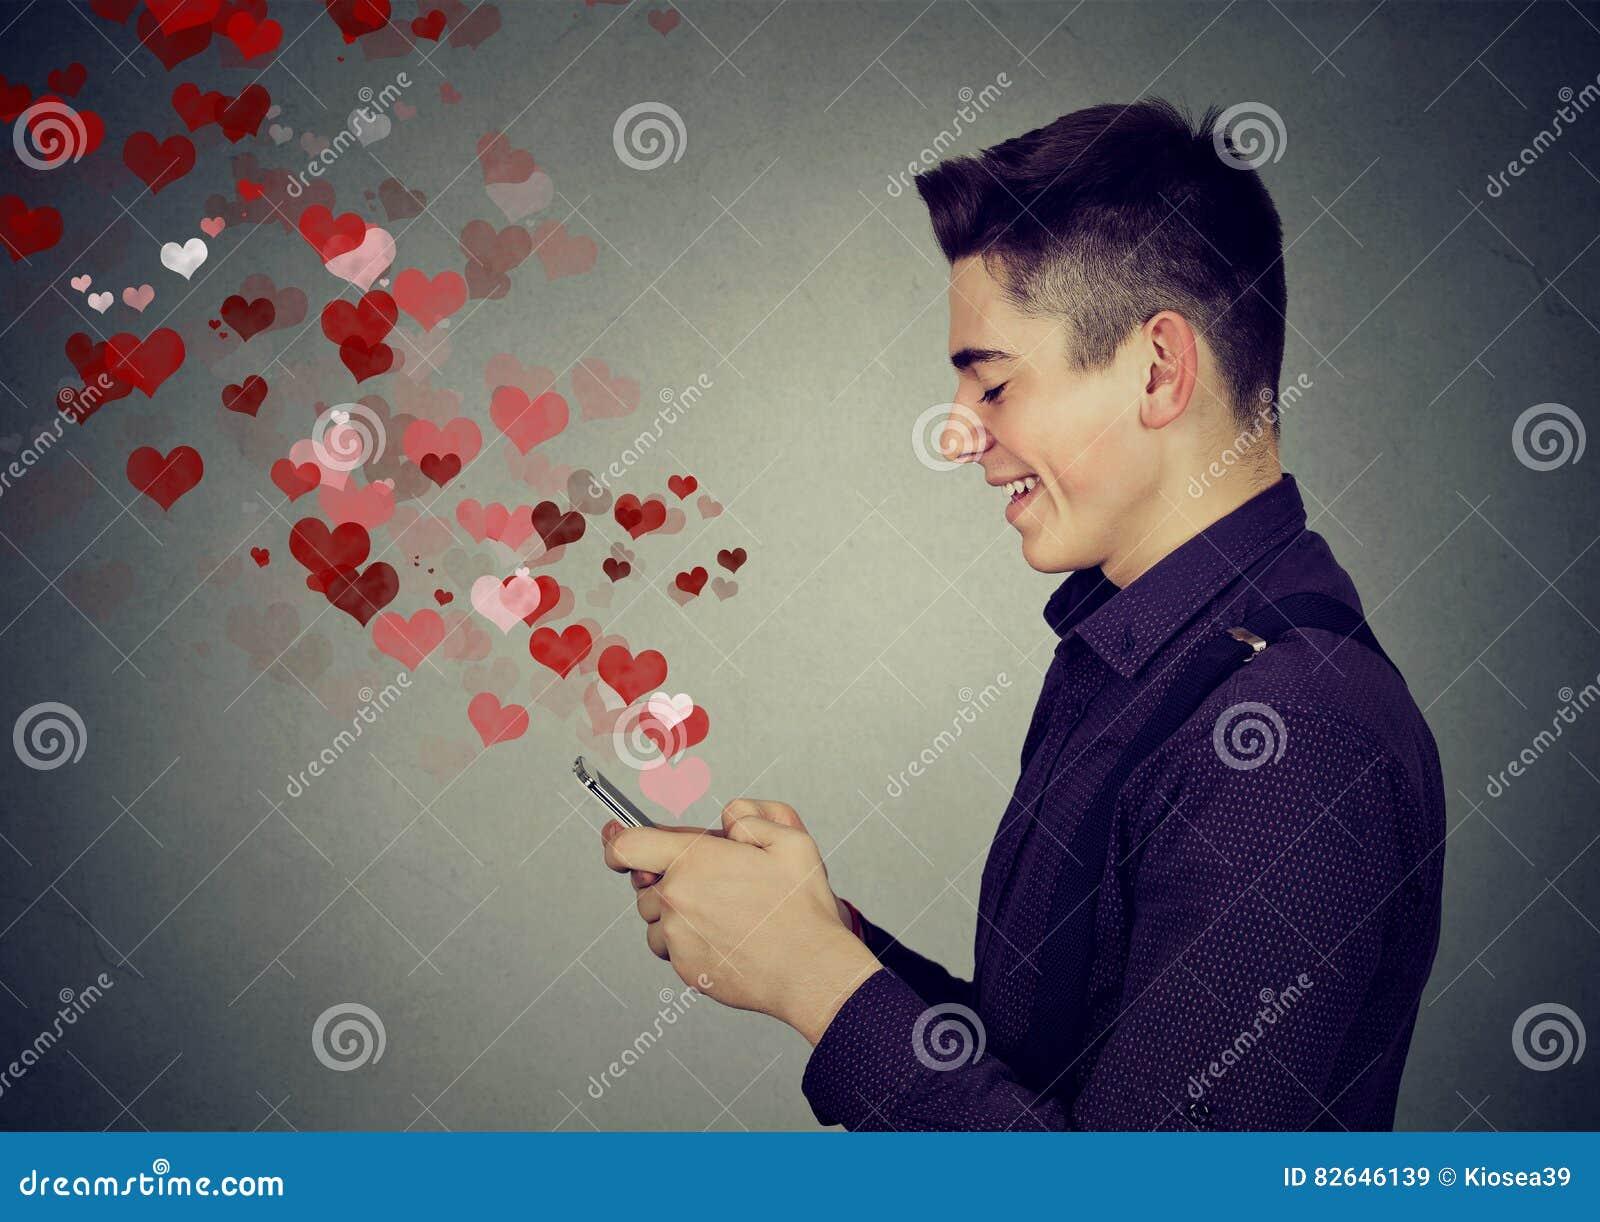 Sirva el envío de mensajes del amor en los corazones del teléfono móvil que se van volando